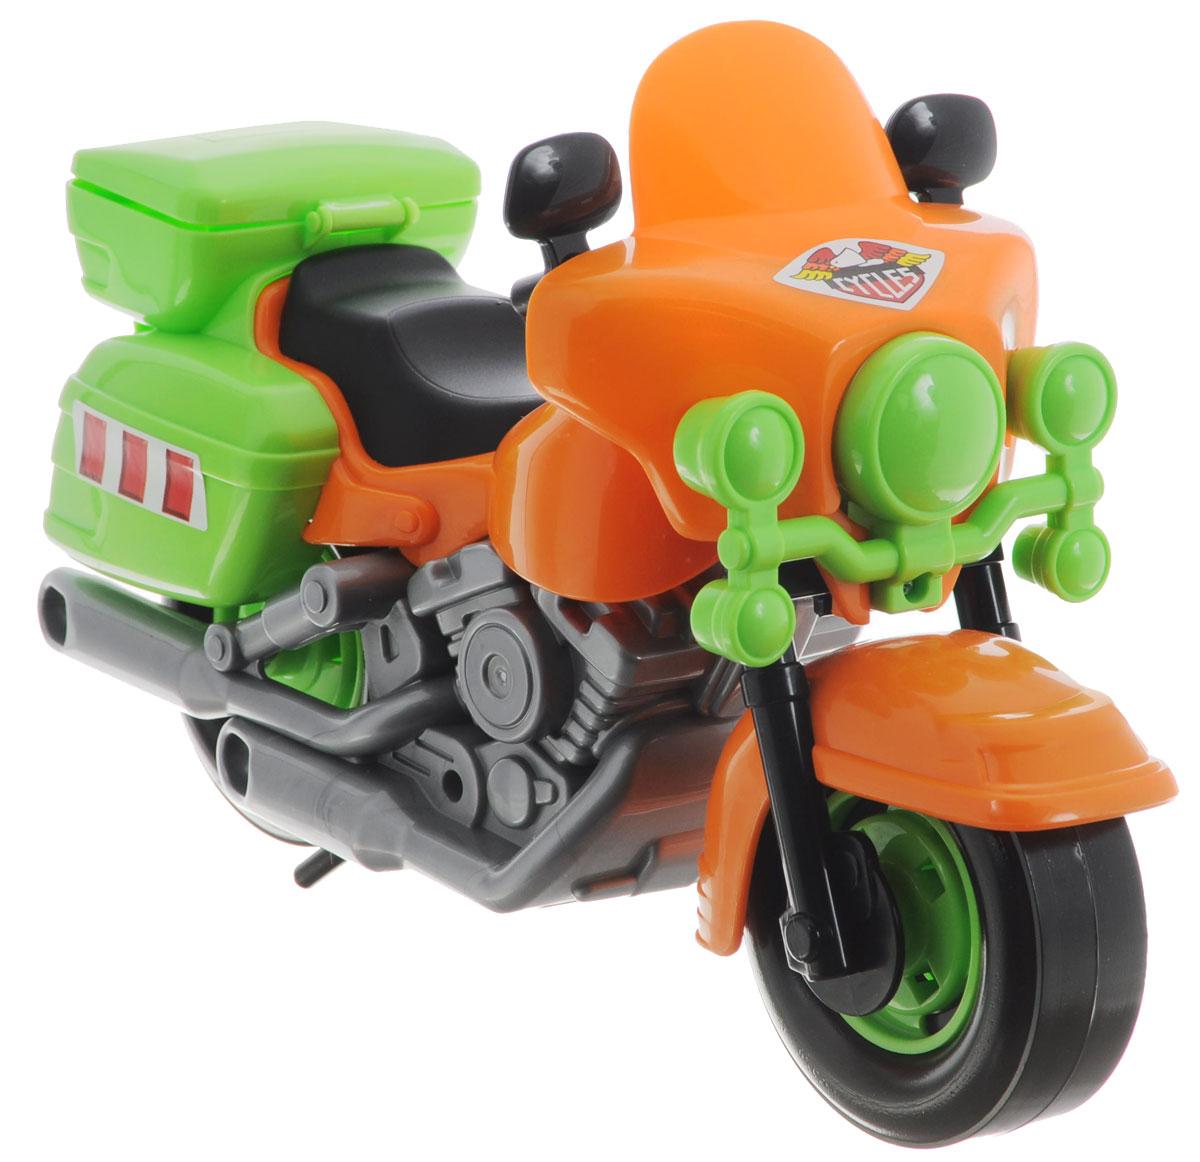 """Яркая игрушка """"Полицейский мотоцикл Харлей"""" привлечет внимание вашего малыша и не позволит ему скучать, ведь так интересно и захватывающе покатать свой мотоцикл, или устроить гонку за преступником. Колеса мотоцикла крутятся, а руль может поворачиваться вместе с передним колесом. Крышка маленького багажного отделения открывается. Мотоцикл дополнен специальной подножкой, для большей устойчивости. Порадуйте своего непоседу такой замечательной игрушкой!"""